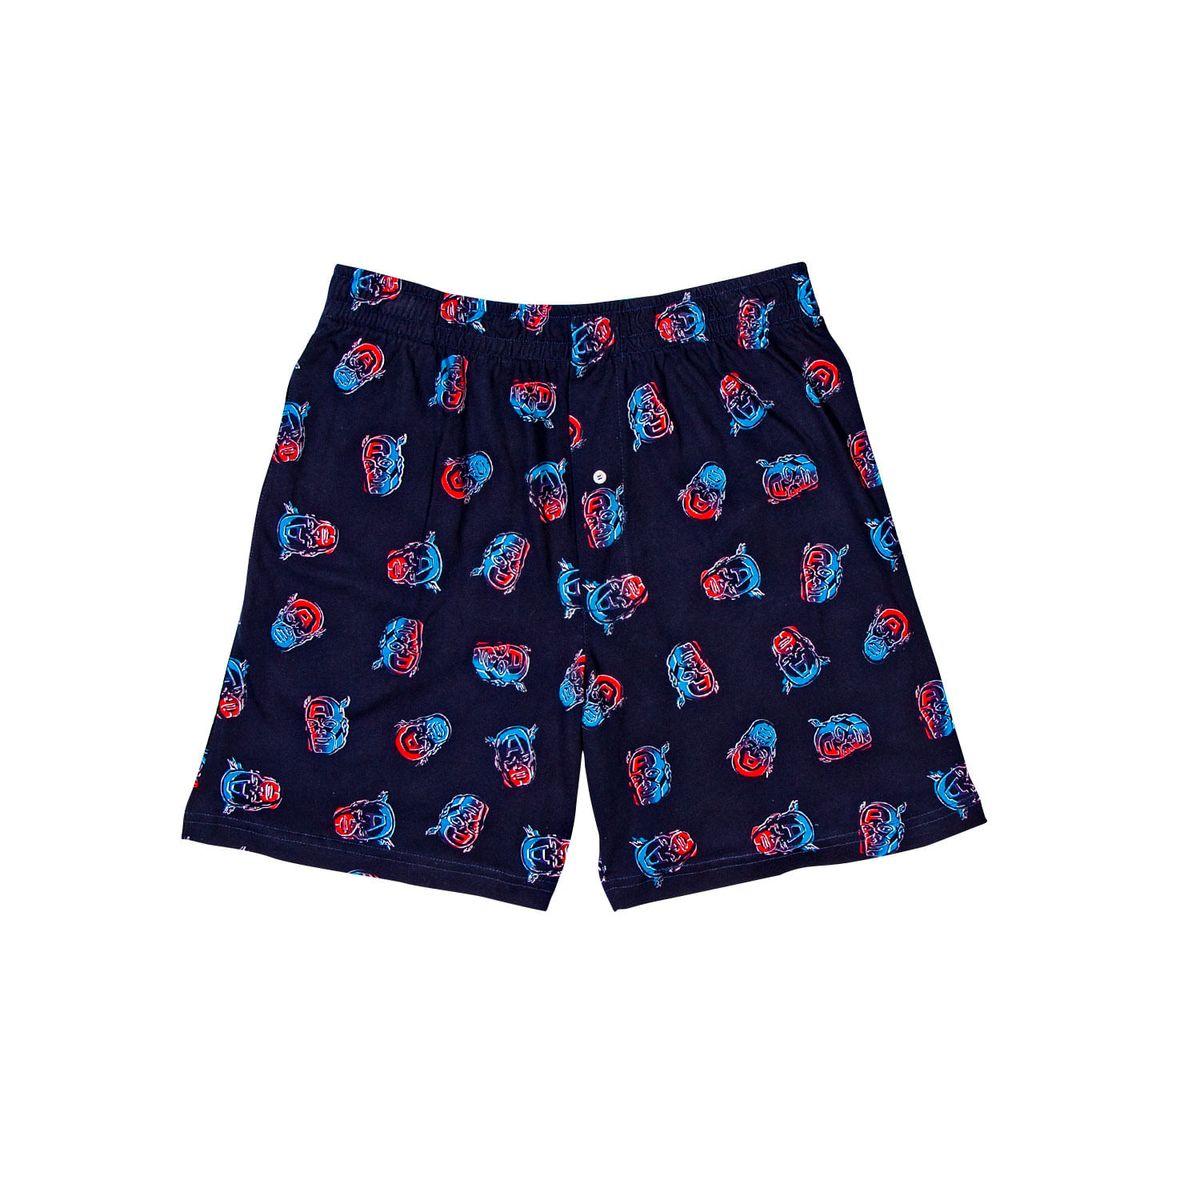 pijamahombrecapitanamerica232192